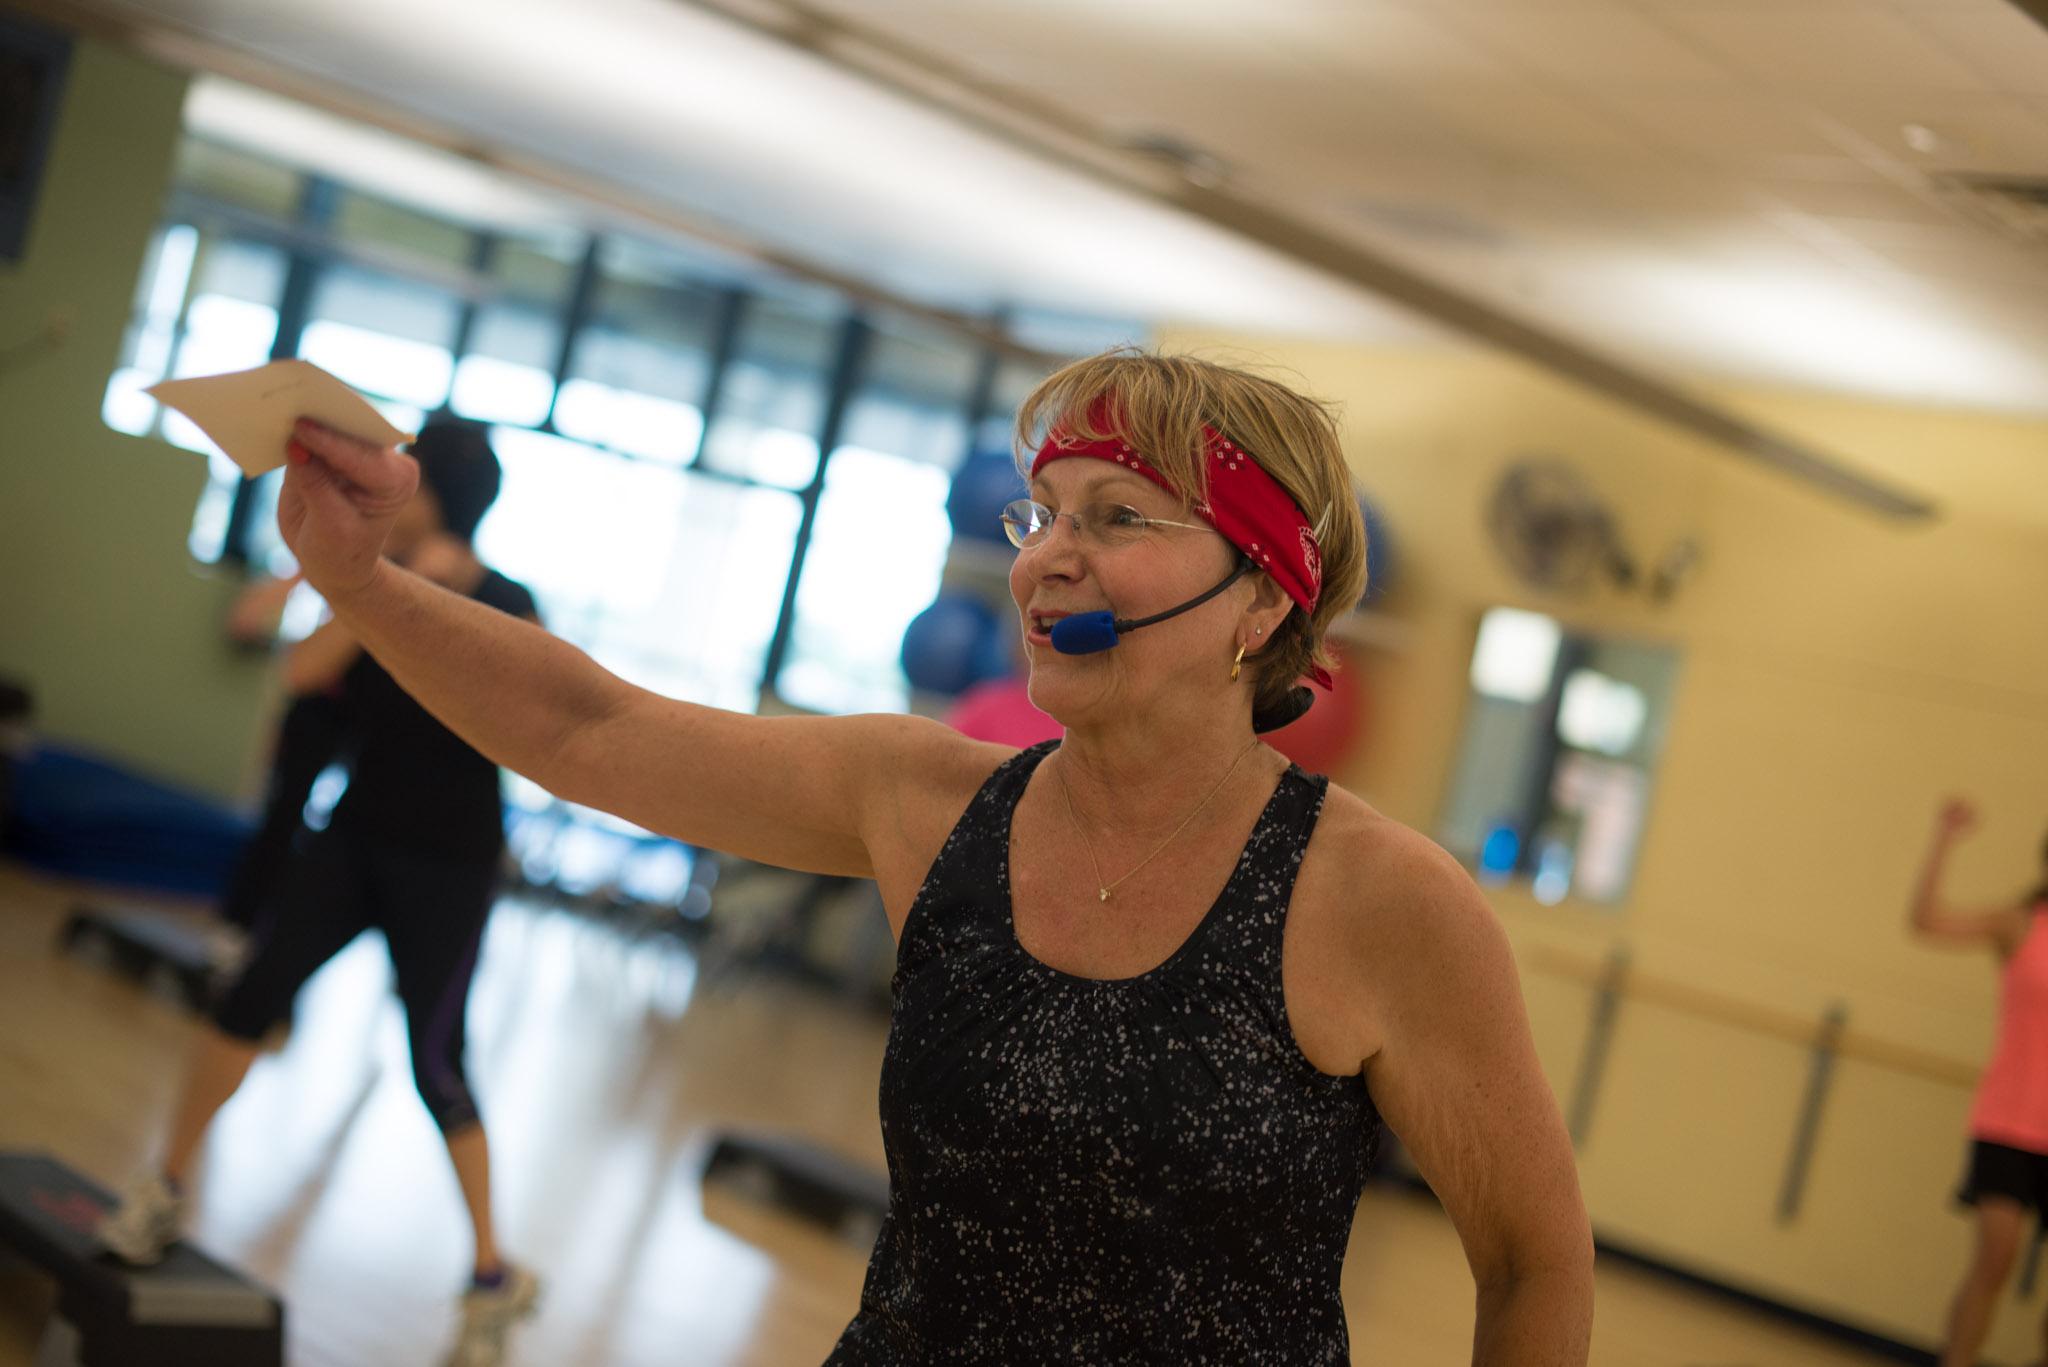 Wellness Center Stock Photos-1283.jpg